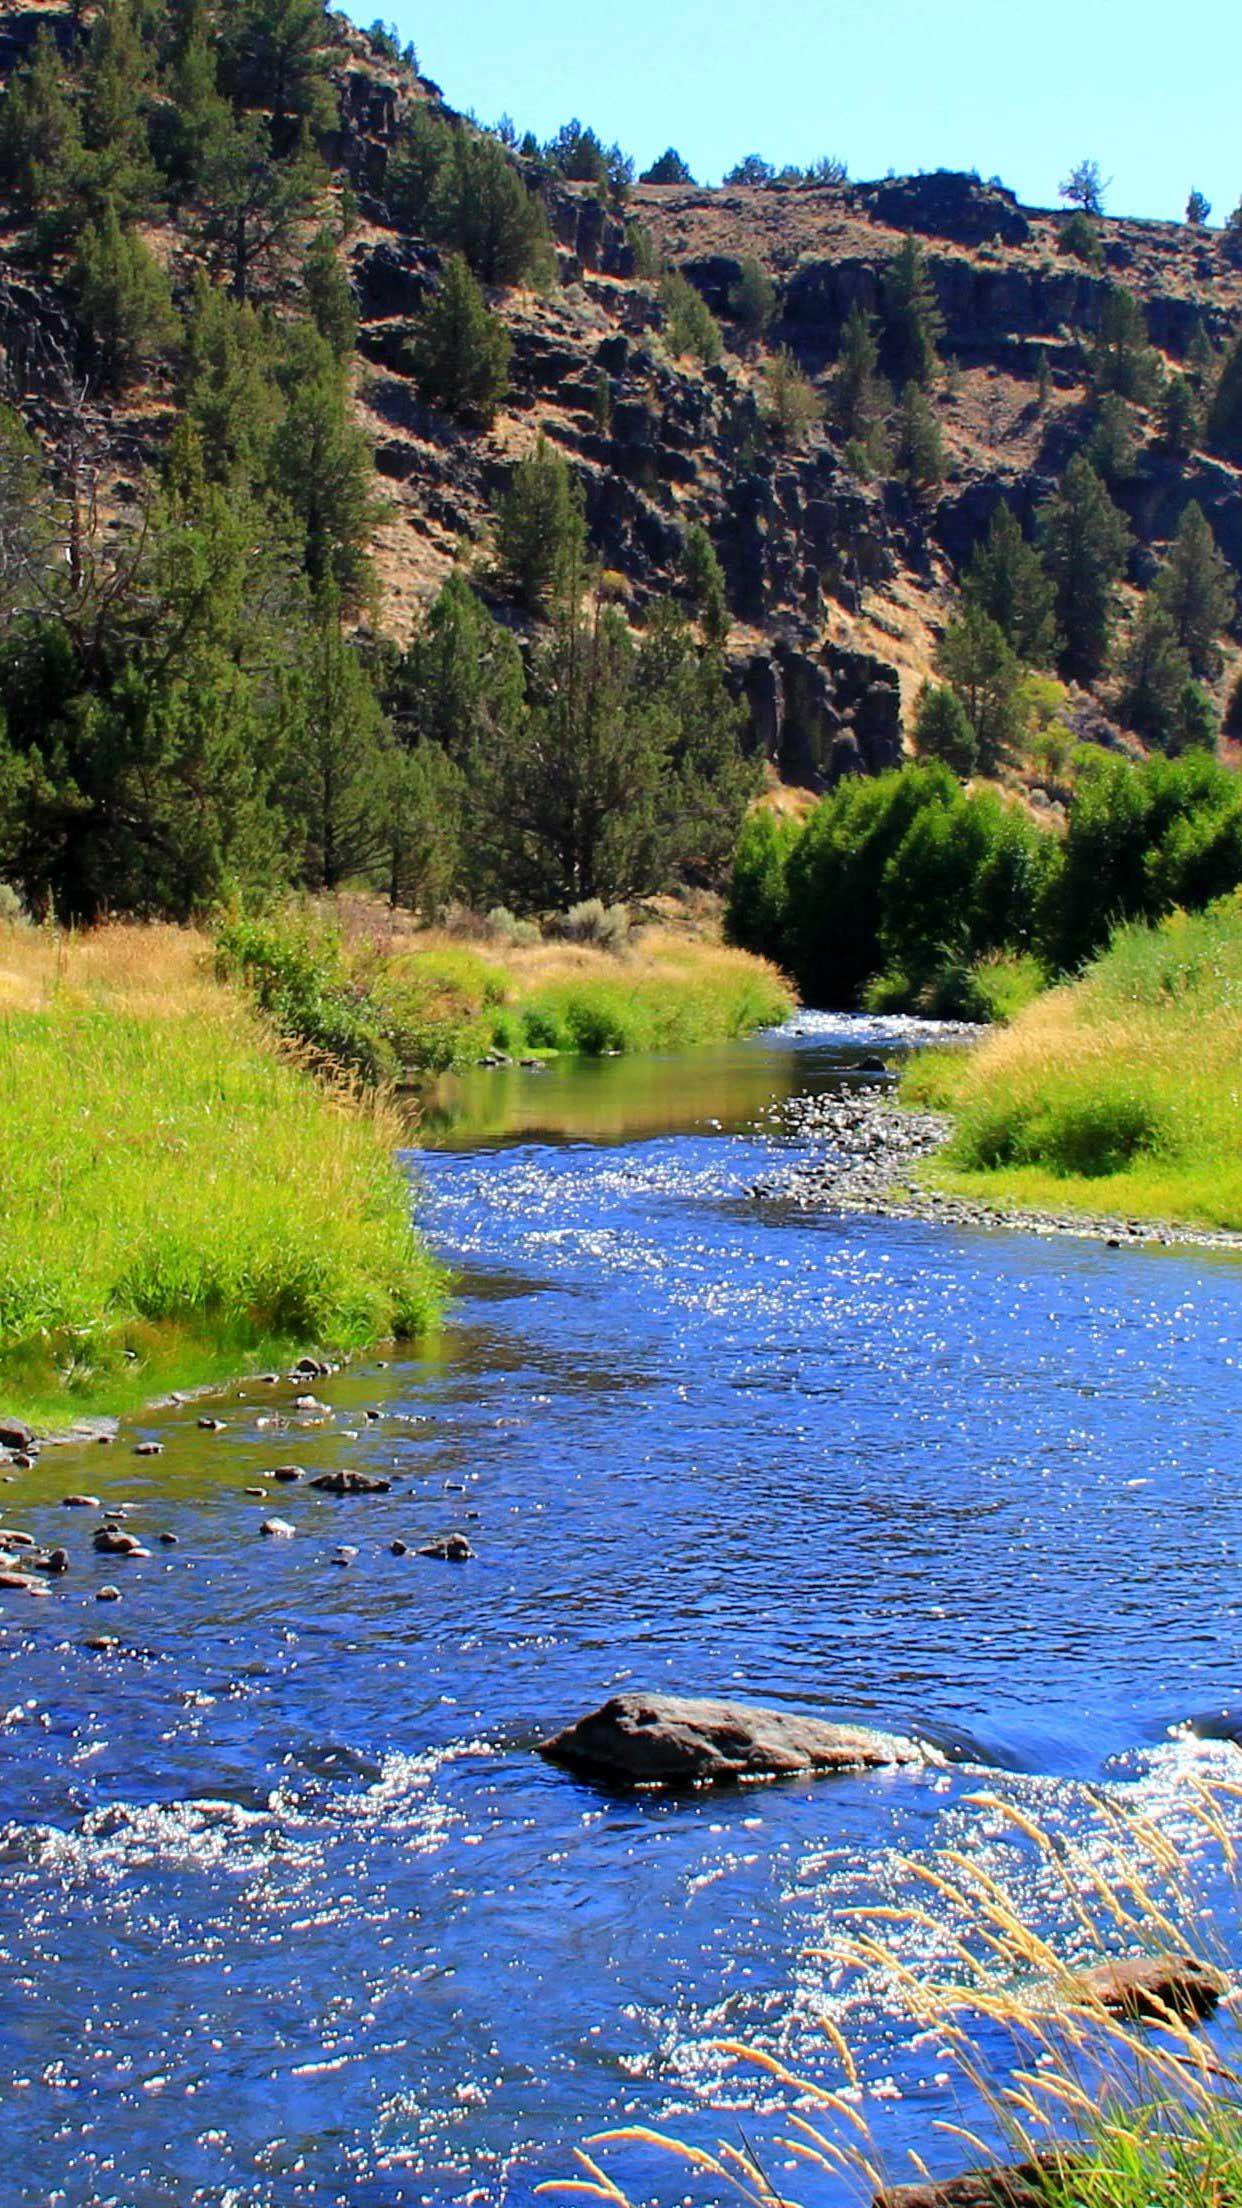 Iphone Wallpaper Wilderness river green grass blm